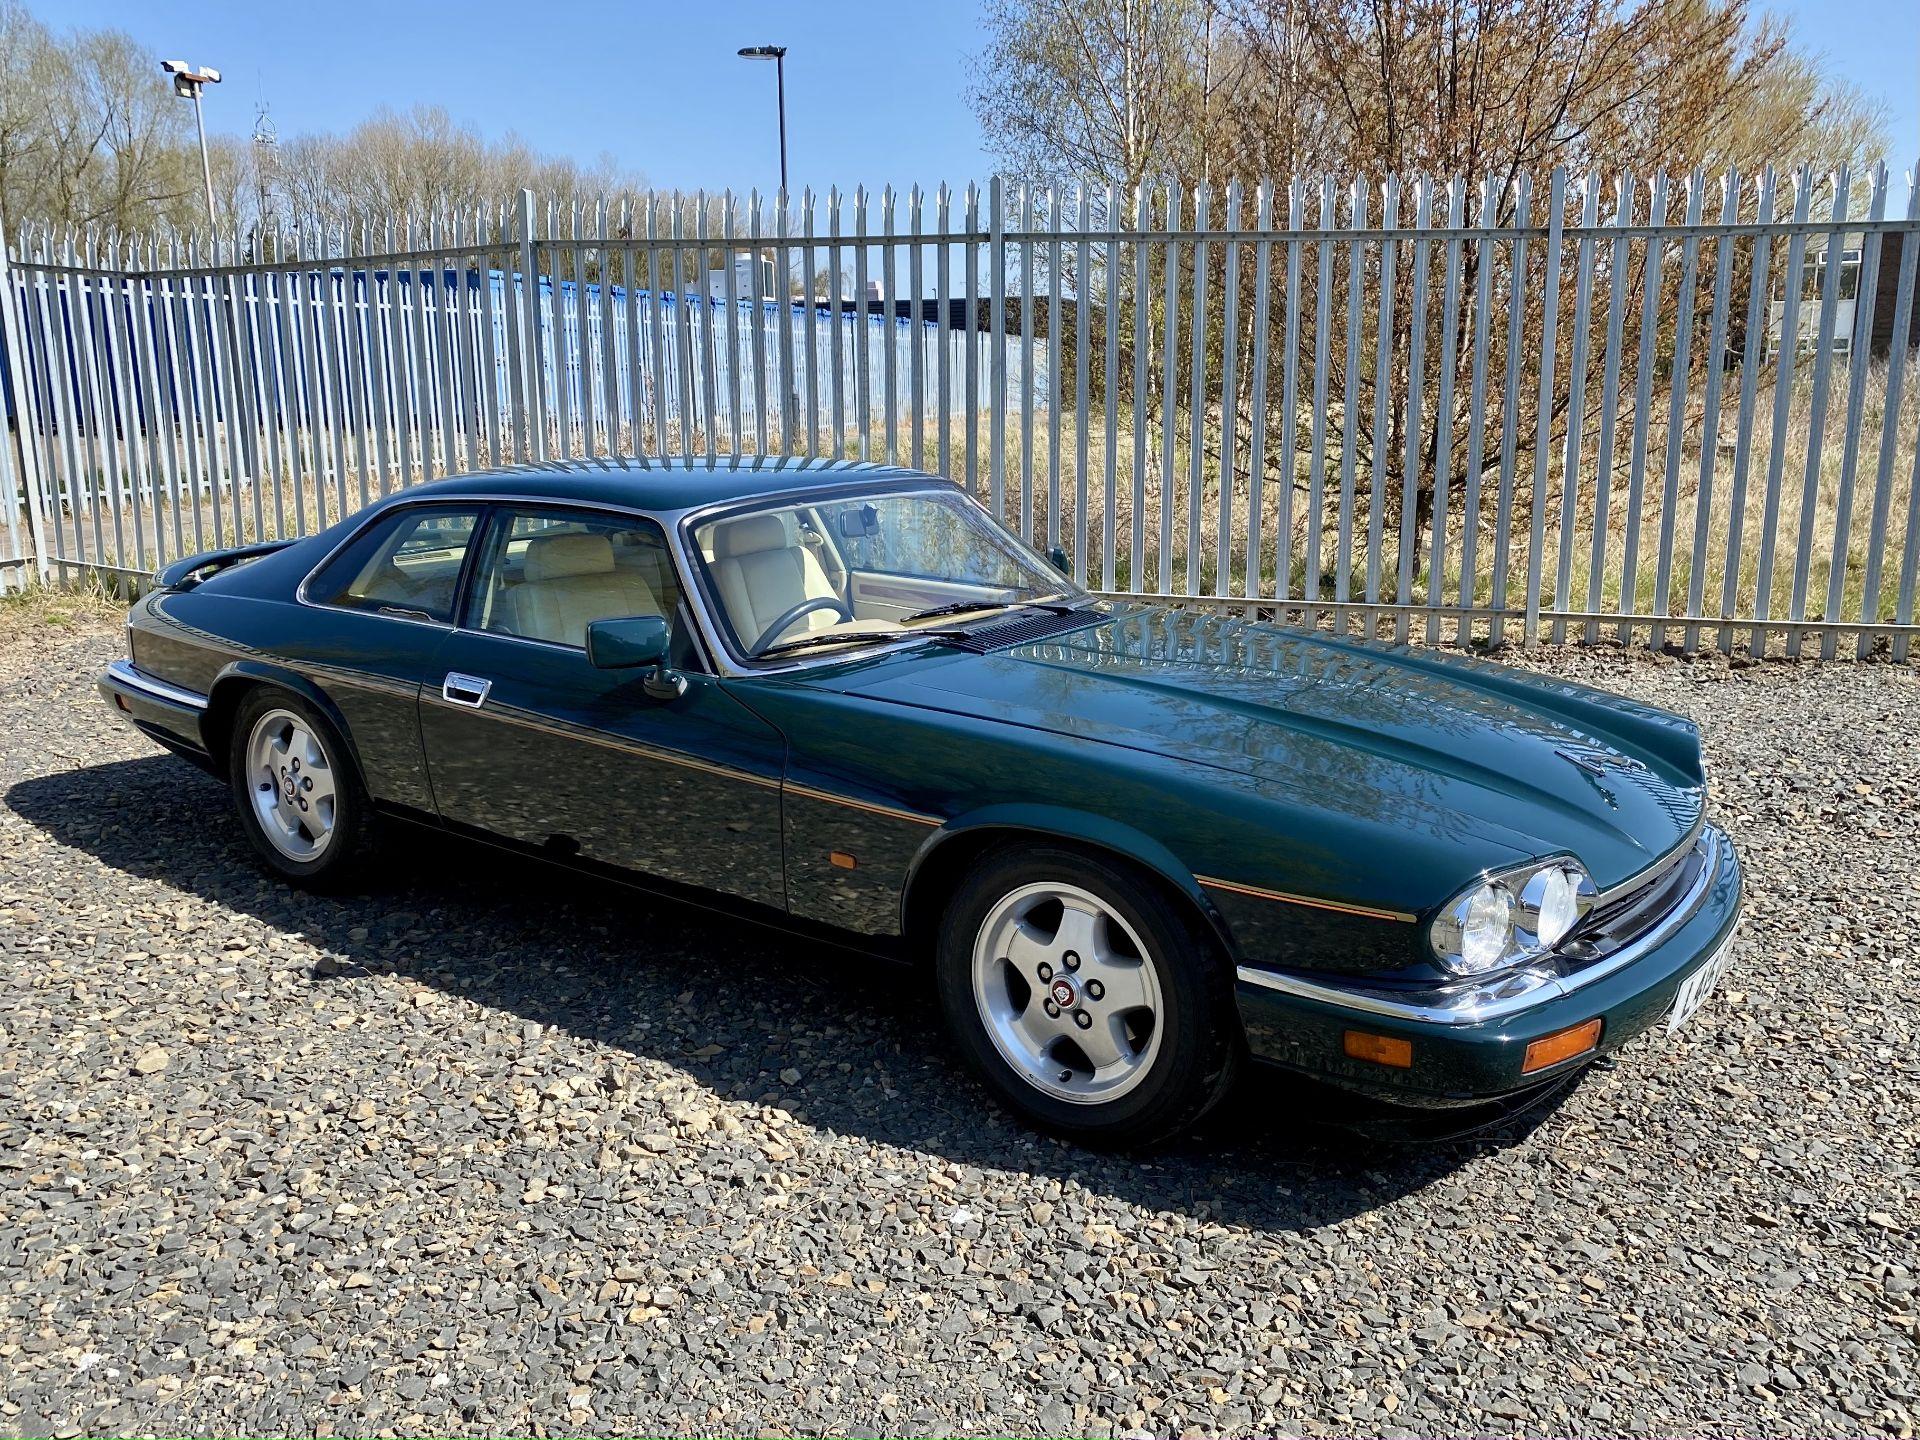 Jaguar XJS coupe - Image 2 of 64